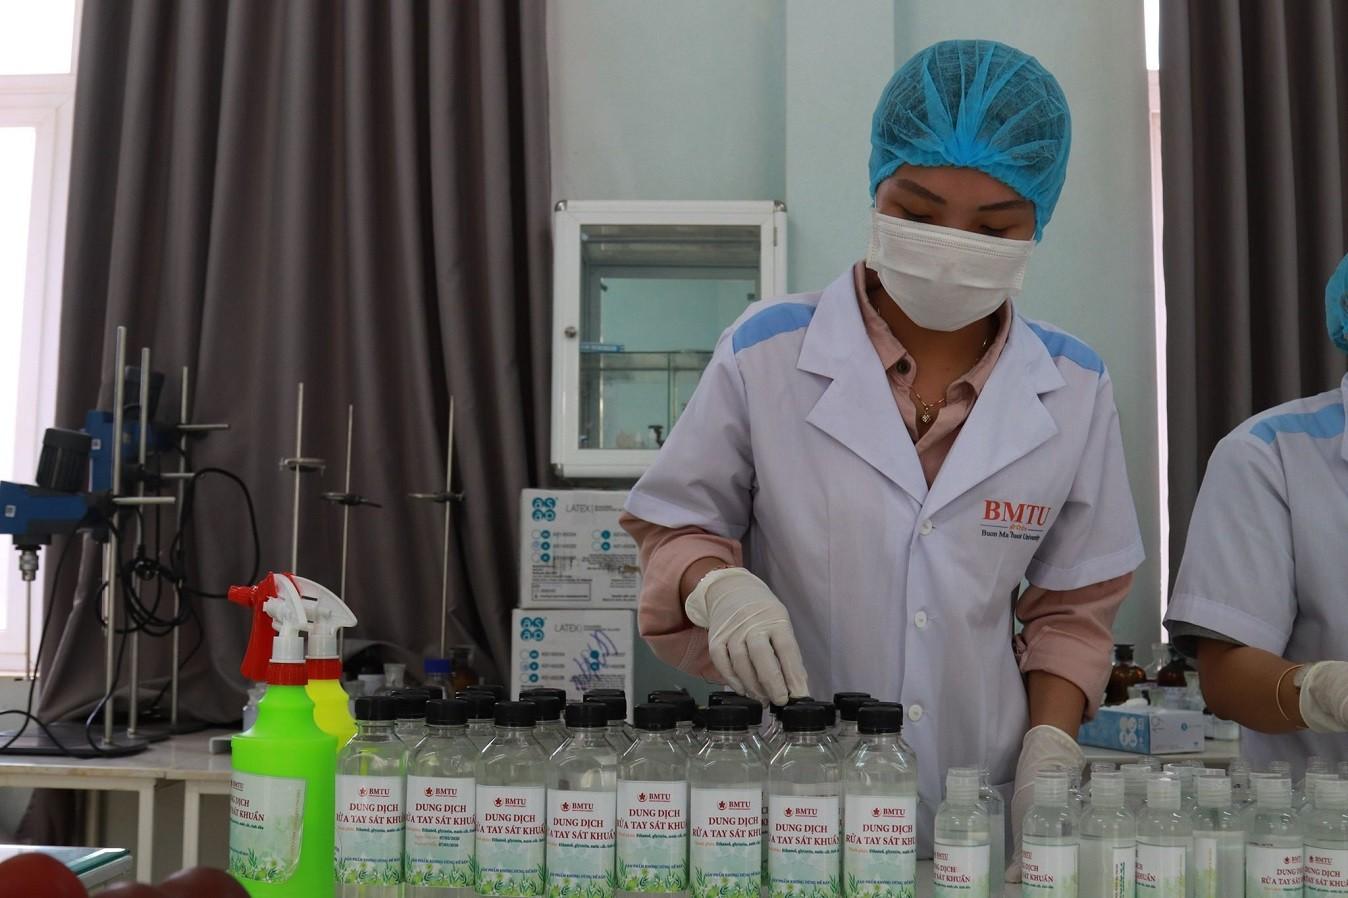 Trường đại học Buôn Ma Thuột pha chế hơn 4.500 lít dung dịch rửa tay sát khuẩn phục vụ cộng đồng - Ảnh 1